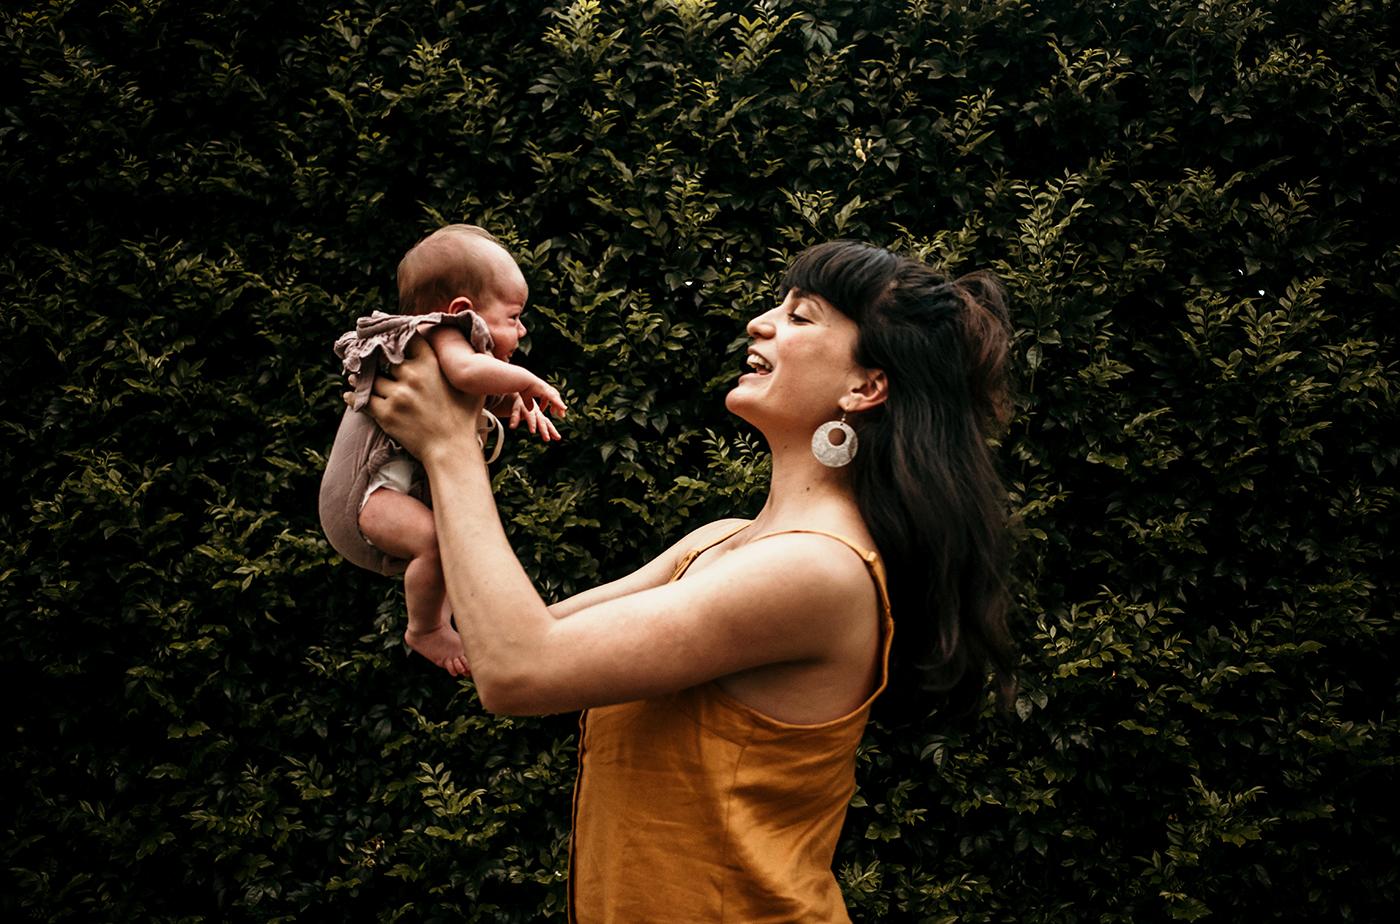 Poppy & Bear Photography Website Development & SEO - www.poppyandbear.com.au